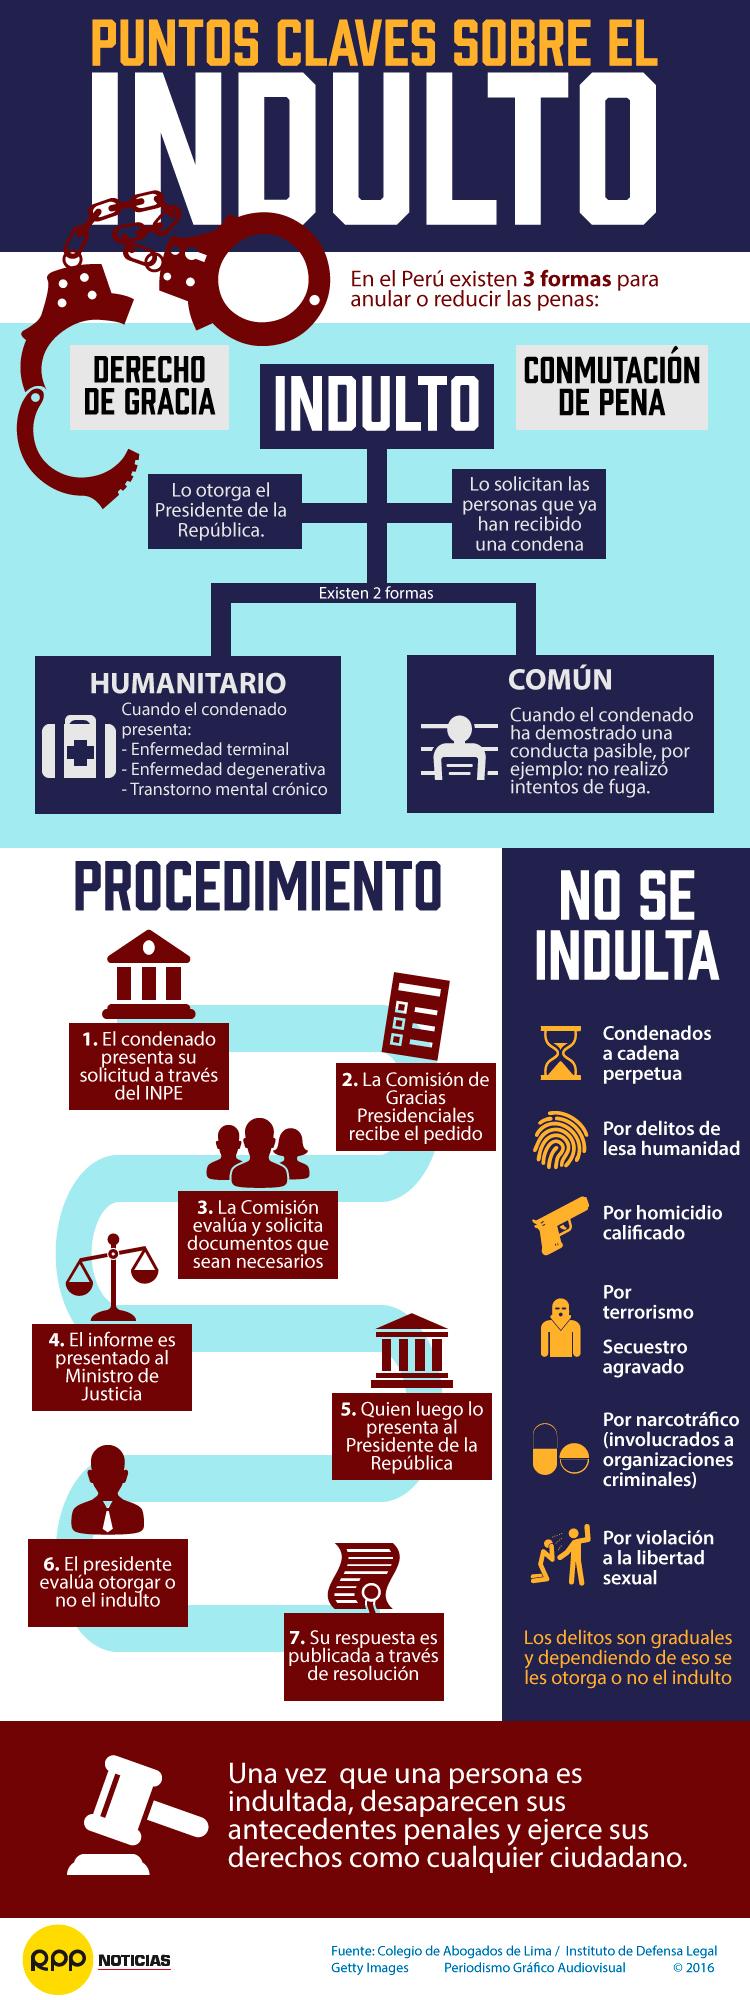 Puntos claves sobre el proceso de indulto en el Perú